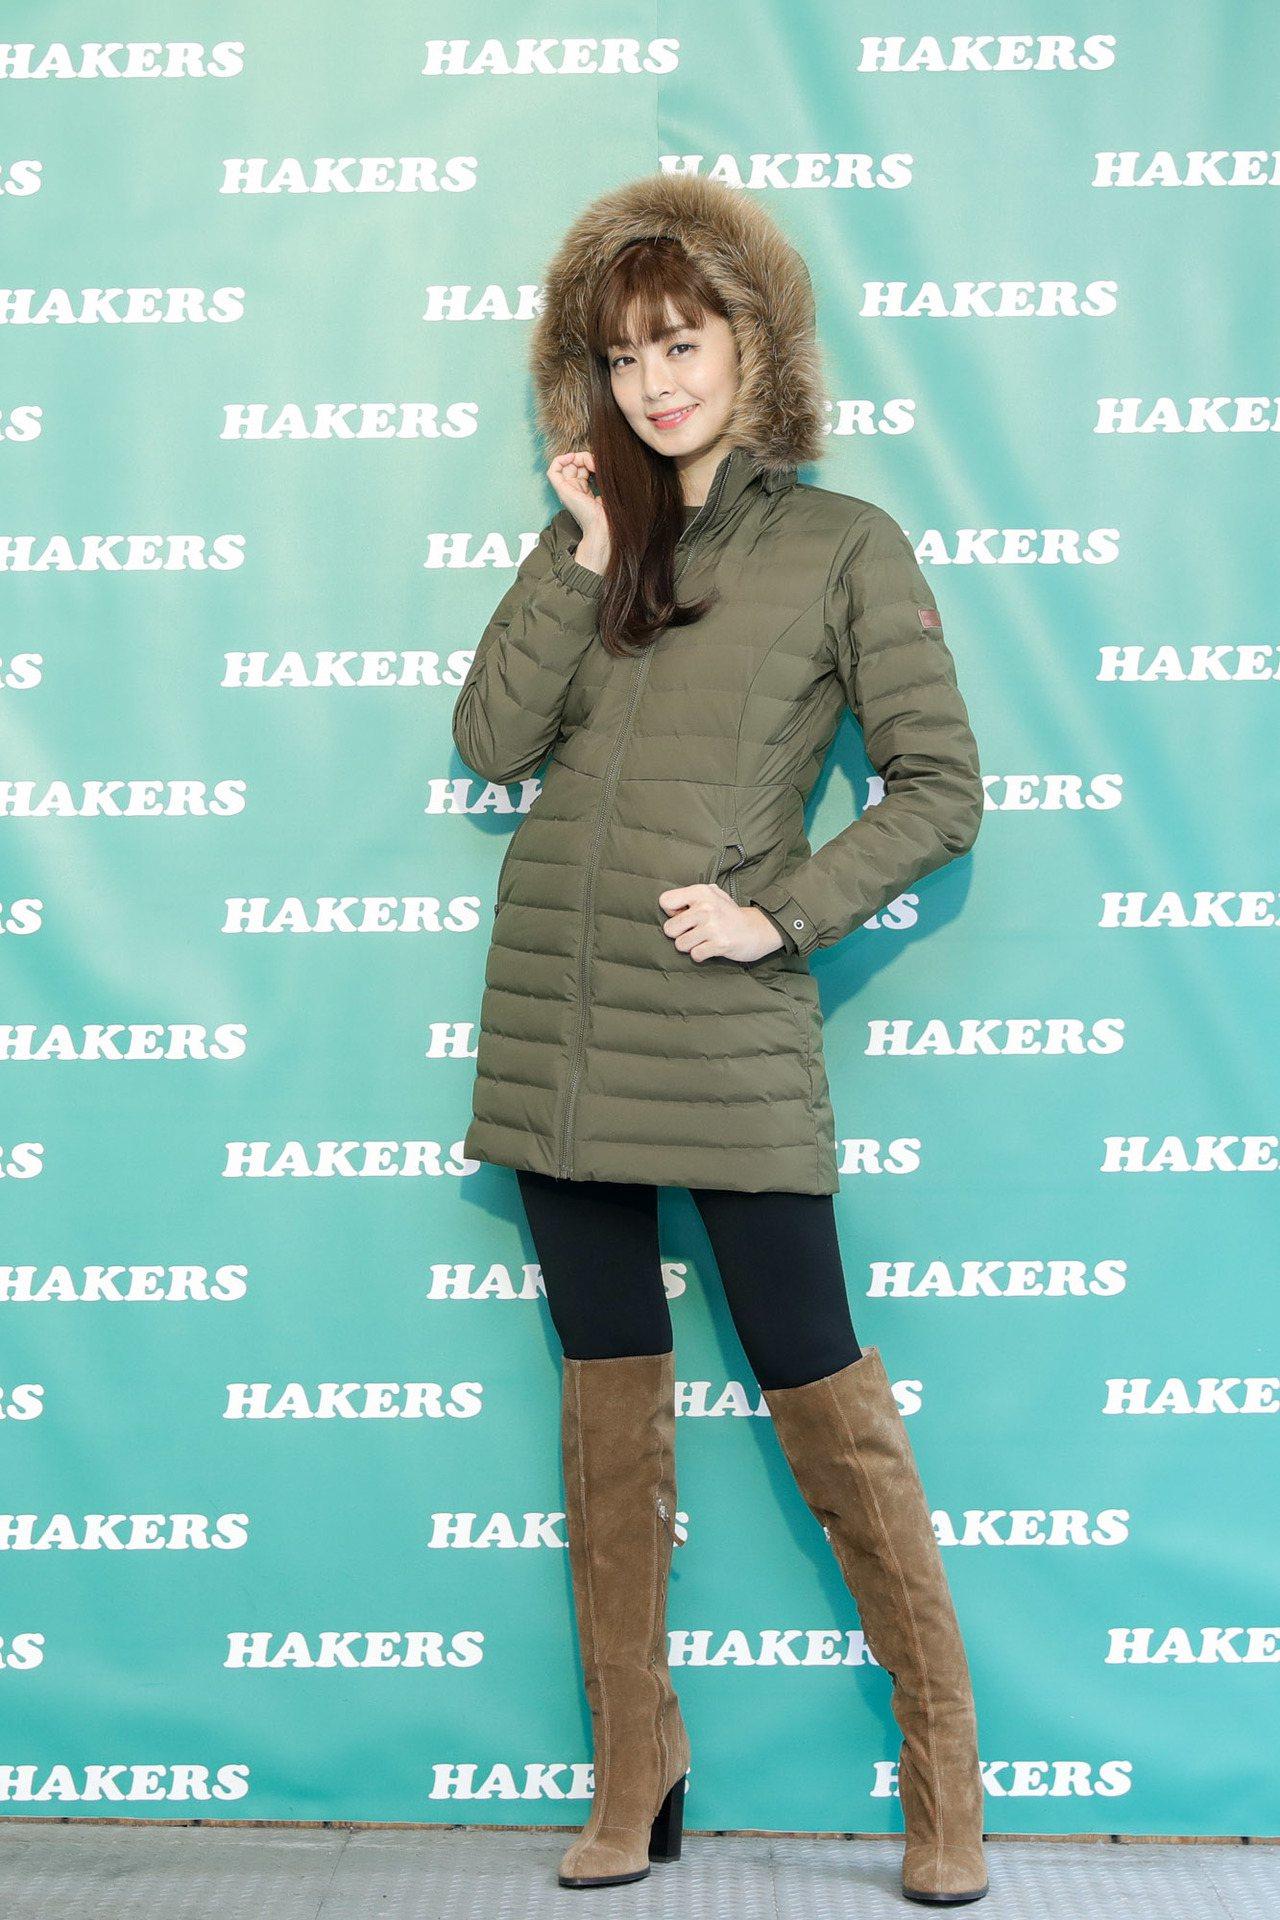 夏如芝展演哈克士戶外保暖長版羽絨外套,品牌近期推出7折優惠。圖/HAKERS提供